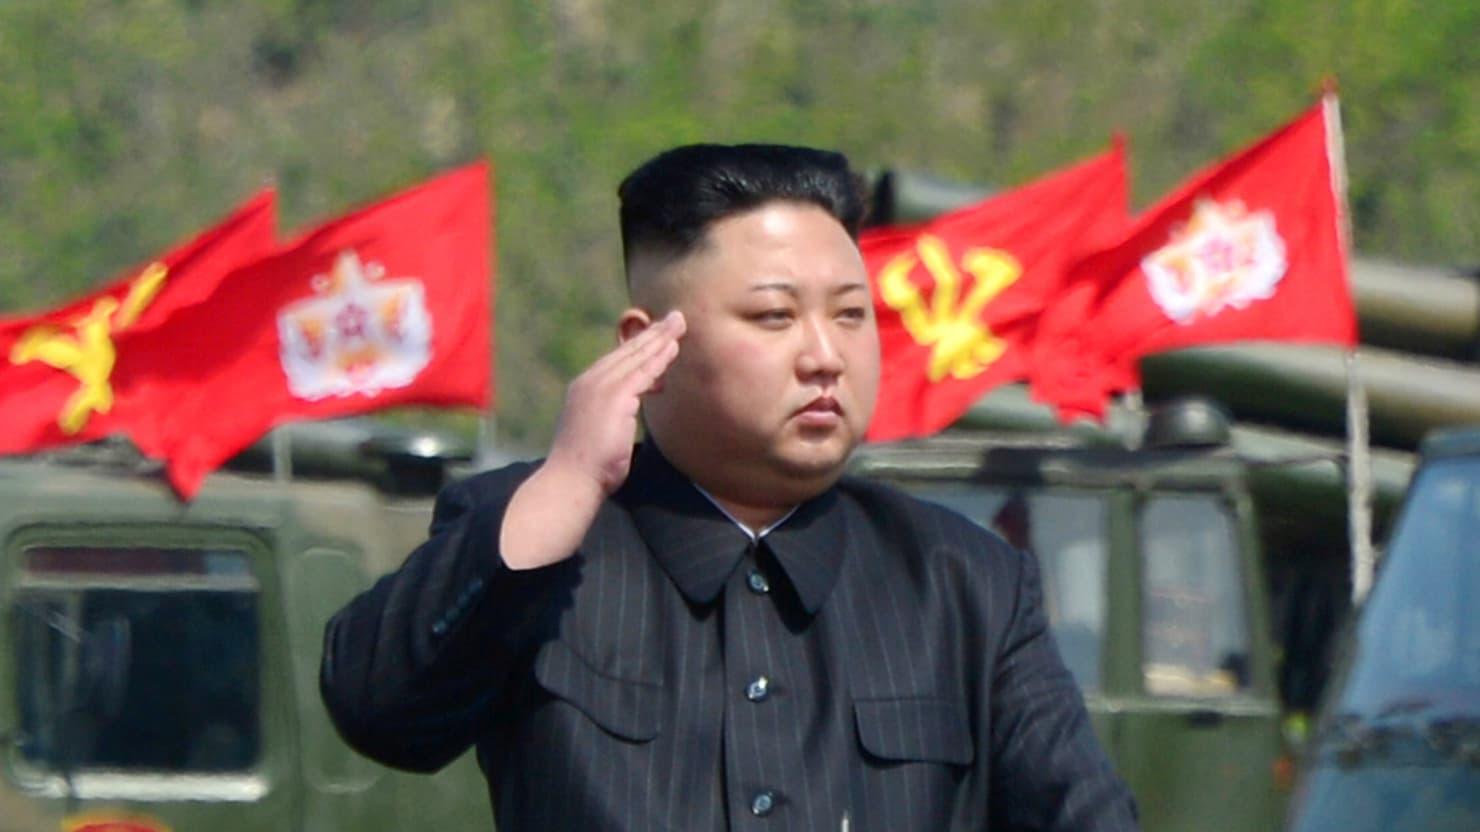 """Triều Tiên chỉ trích lệnh cấm của Mỹ là """"cố gắng hèn hạ"""" - Ảnh 1"""